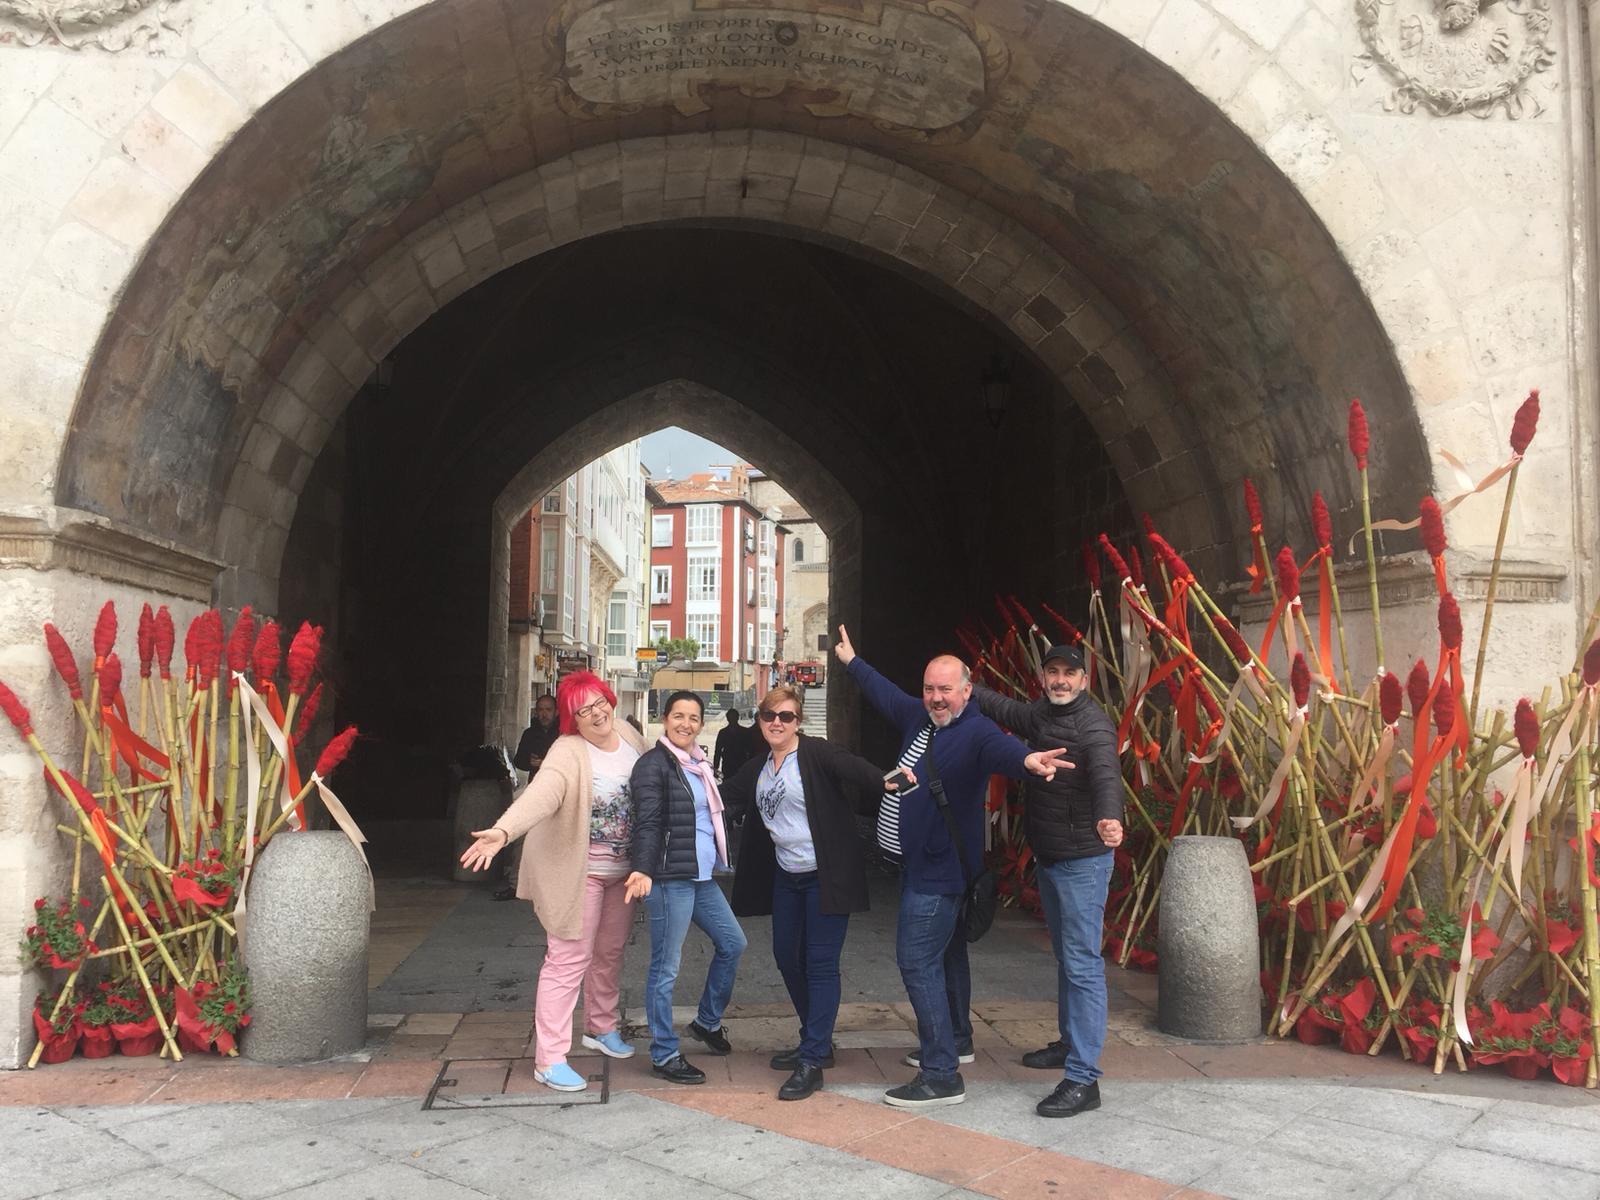 Juan Lluesma posa en Burgos junto a su homenaje floral al Cid Campeador